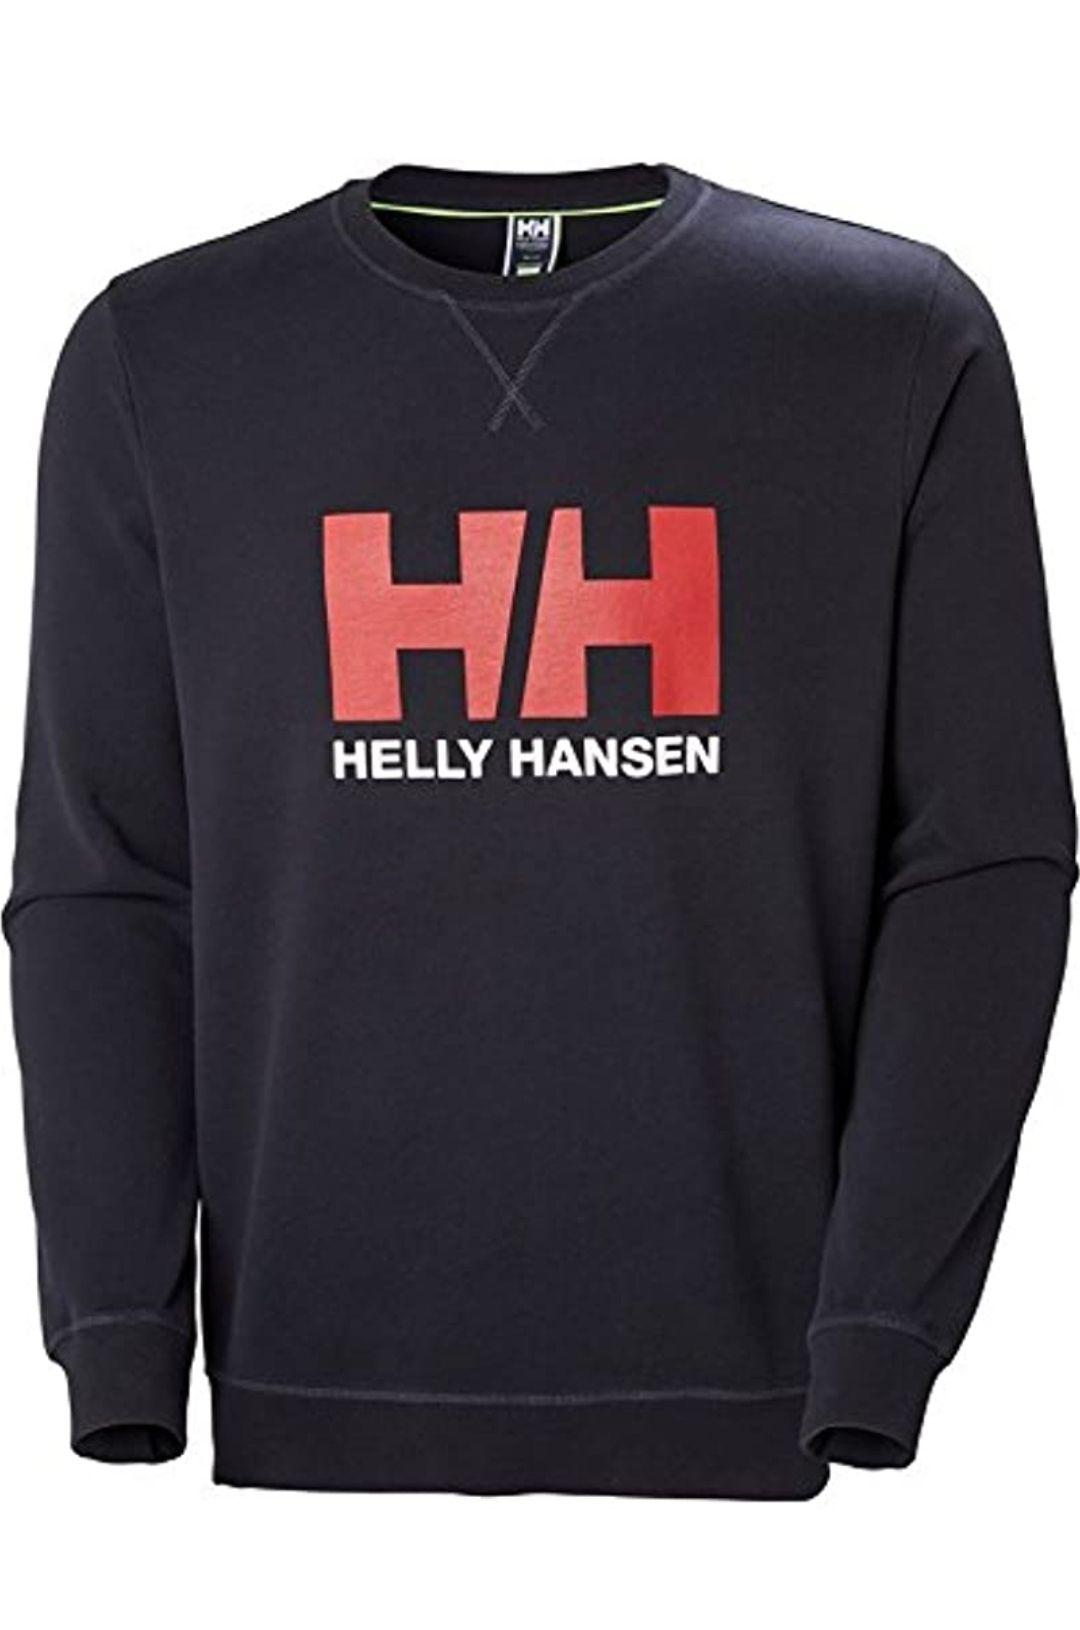 Sudadera Helly Hansen todas las tallas. En otros colores hay algunas tallas a ese precio